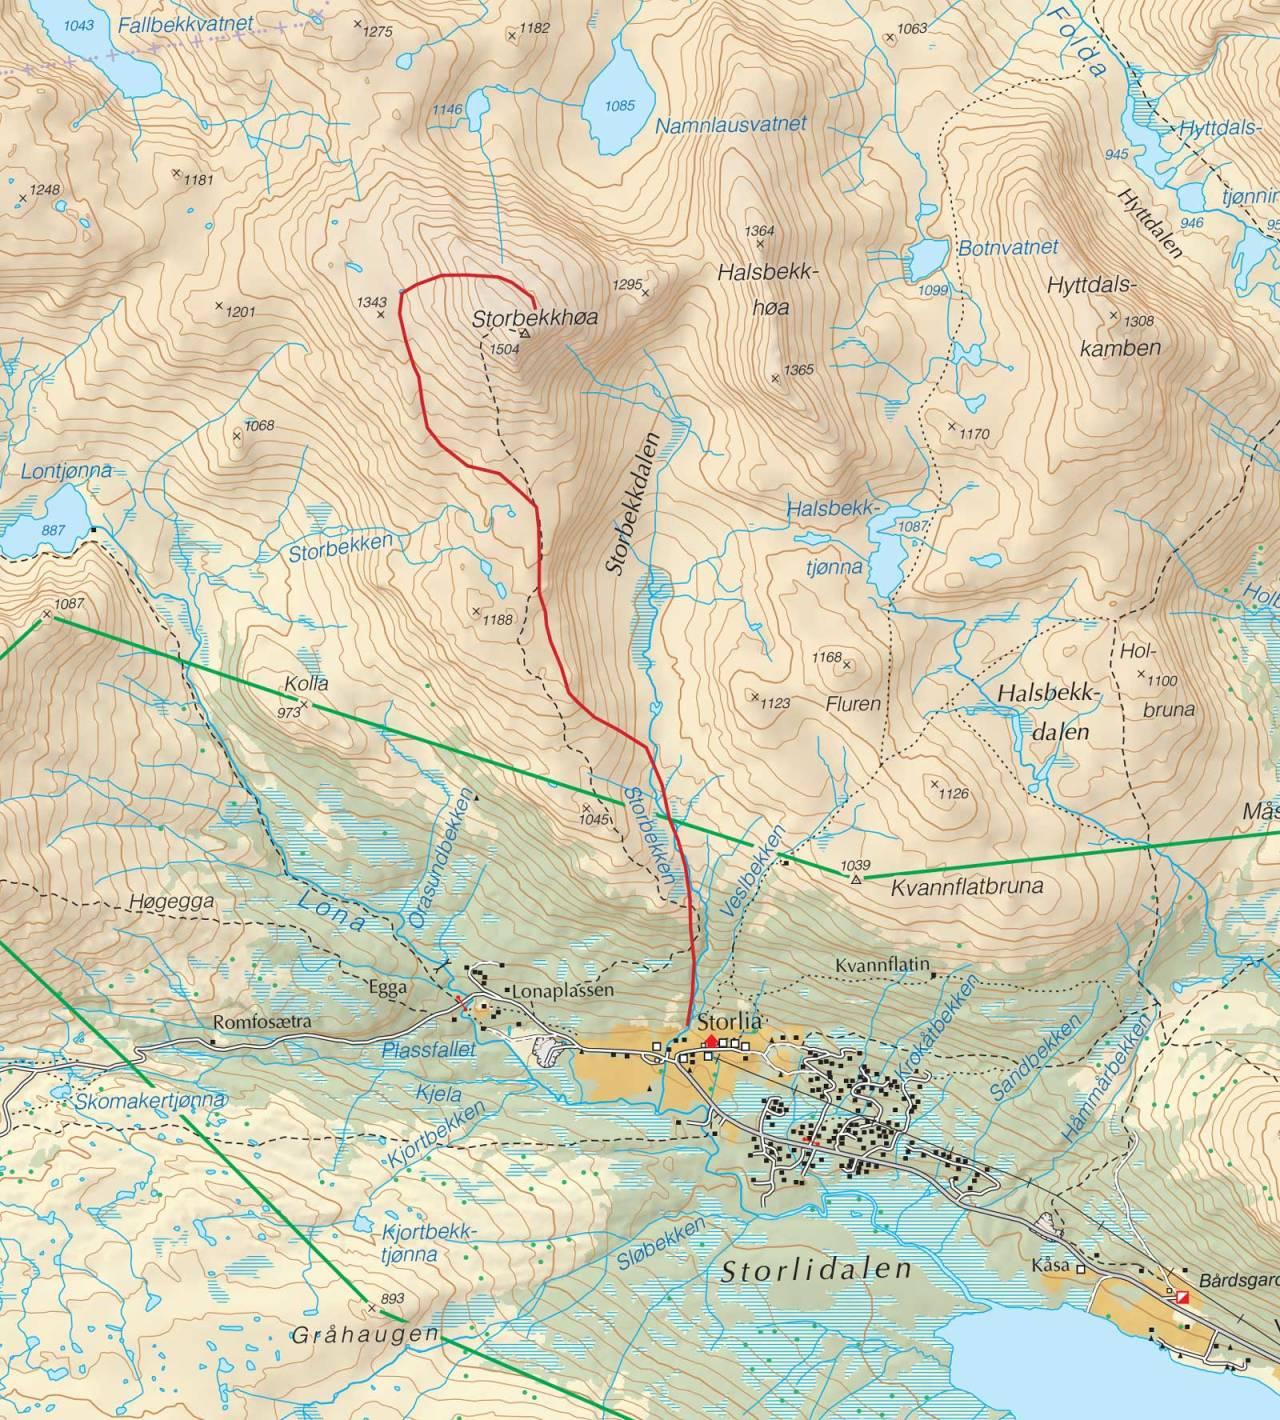 Kart over Storbekkhøa med inntegnet rute. Fra Trygge toppturer.